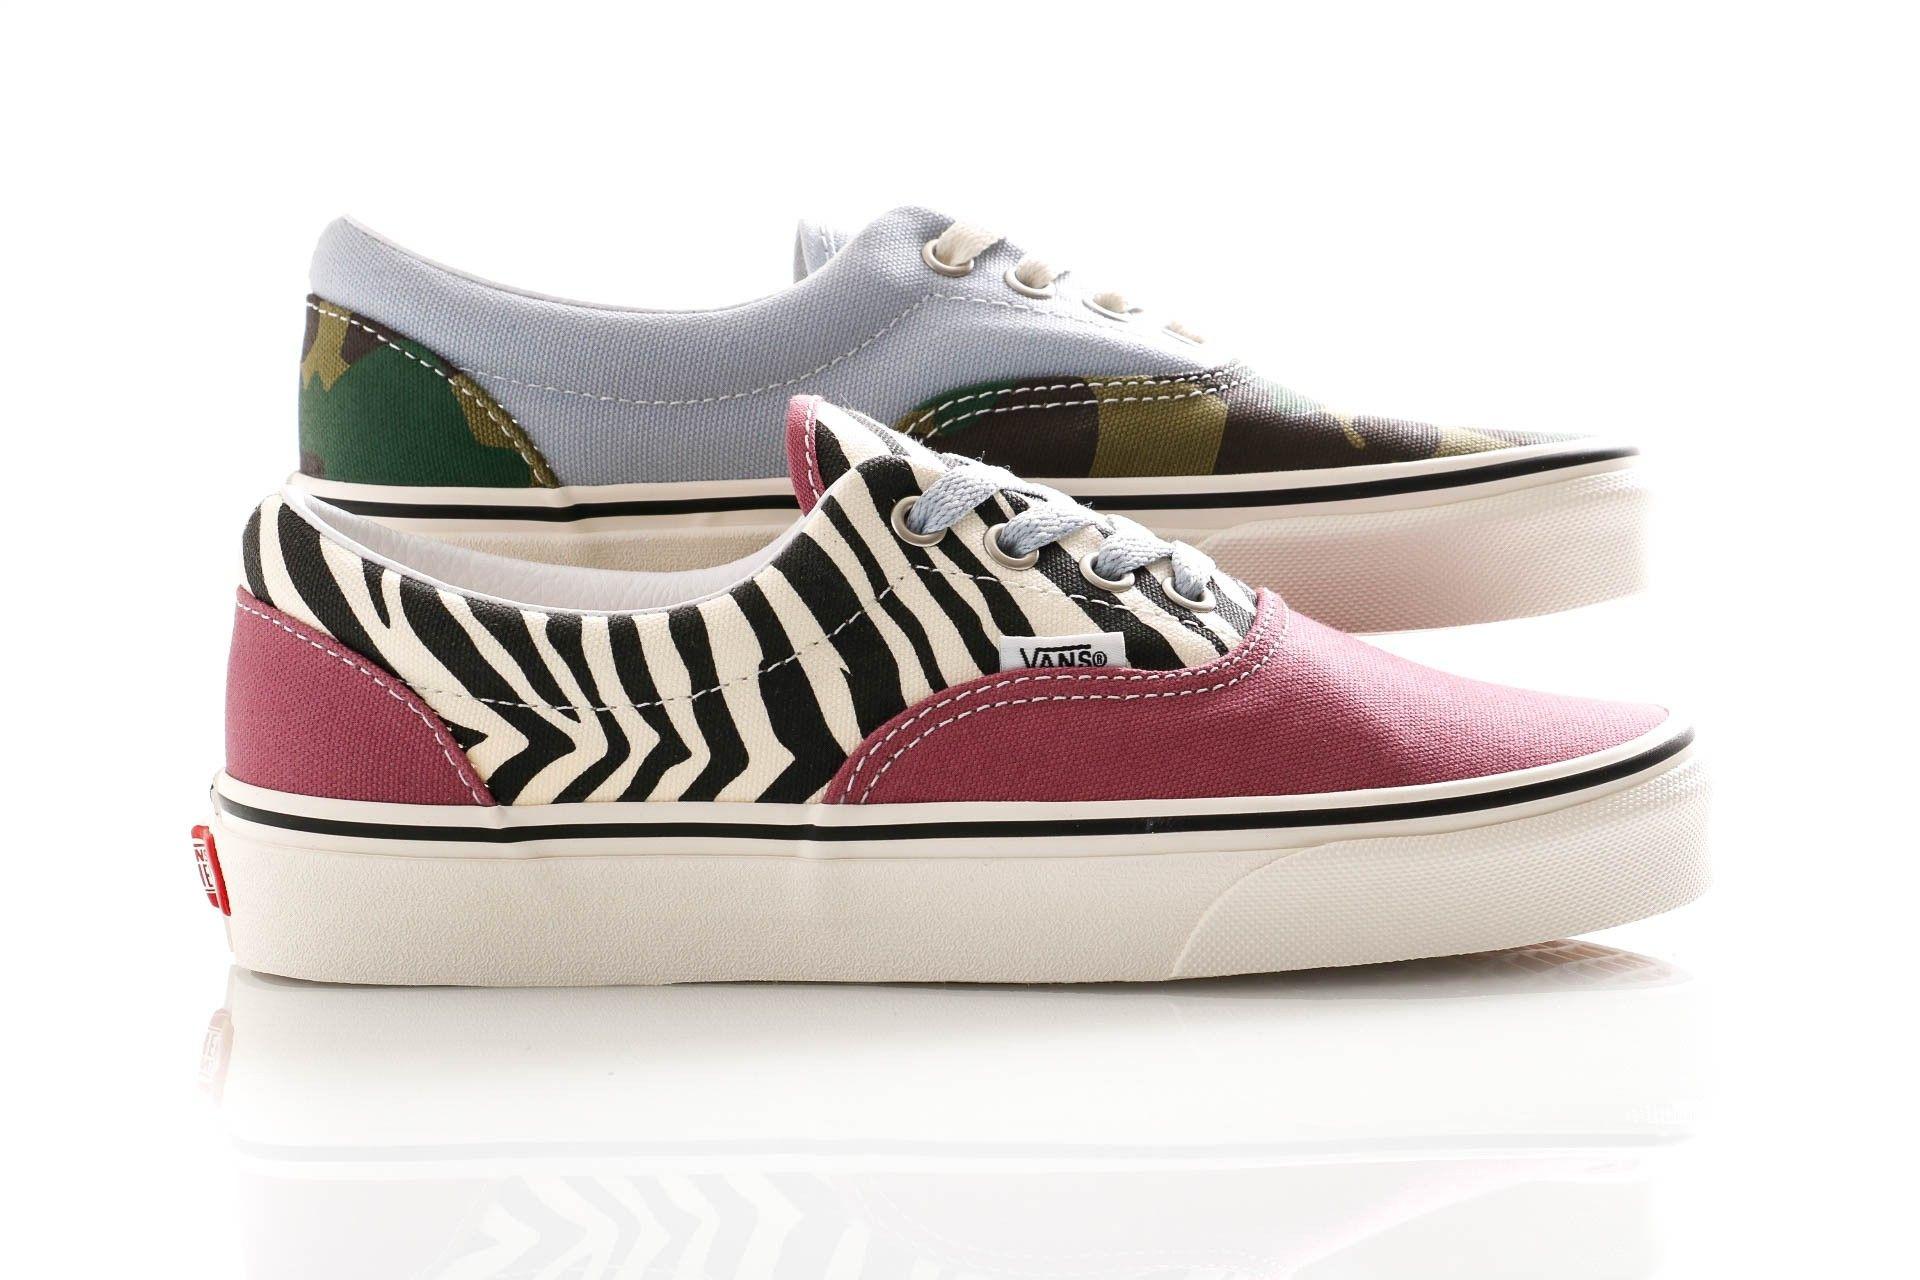 Afbeelding van Vans Sneakers Ua Era (Mismatch) Zebra/Camo VN0A4U39WS81